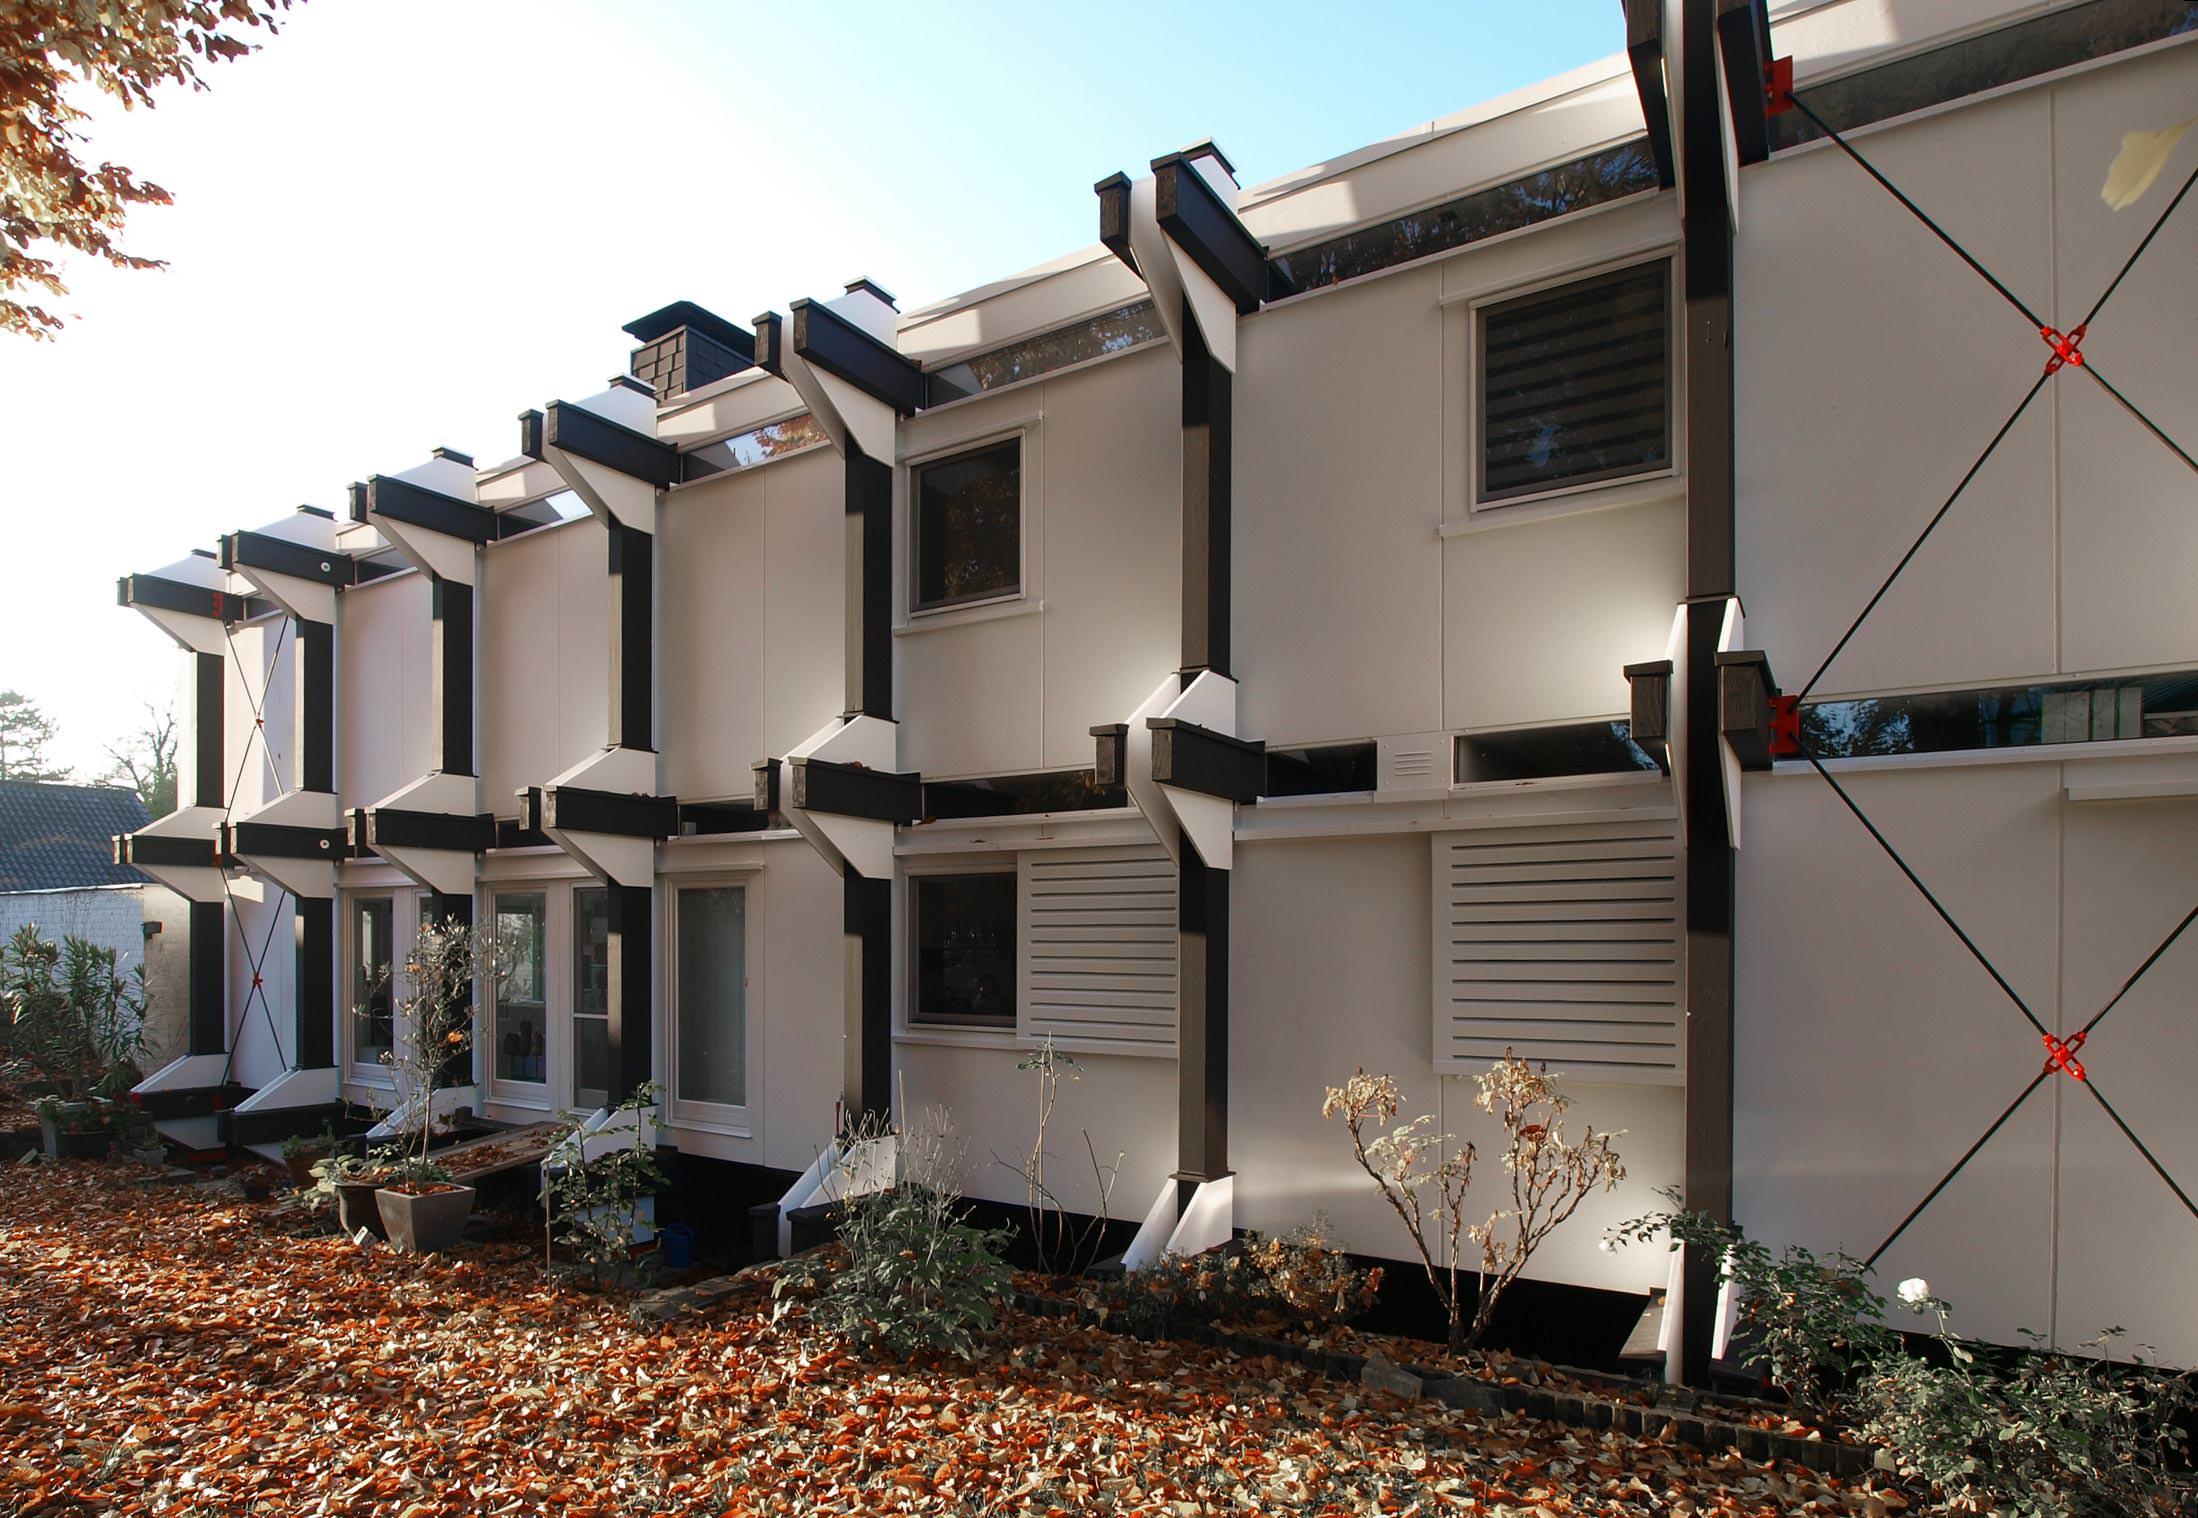 Haus Mayer-Kuckuk: ein architektonisches Unikat wieder wie neu